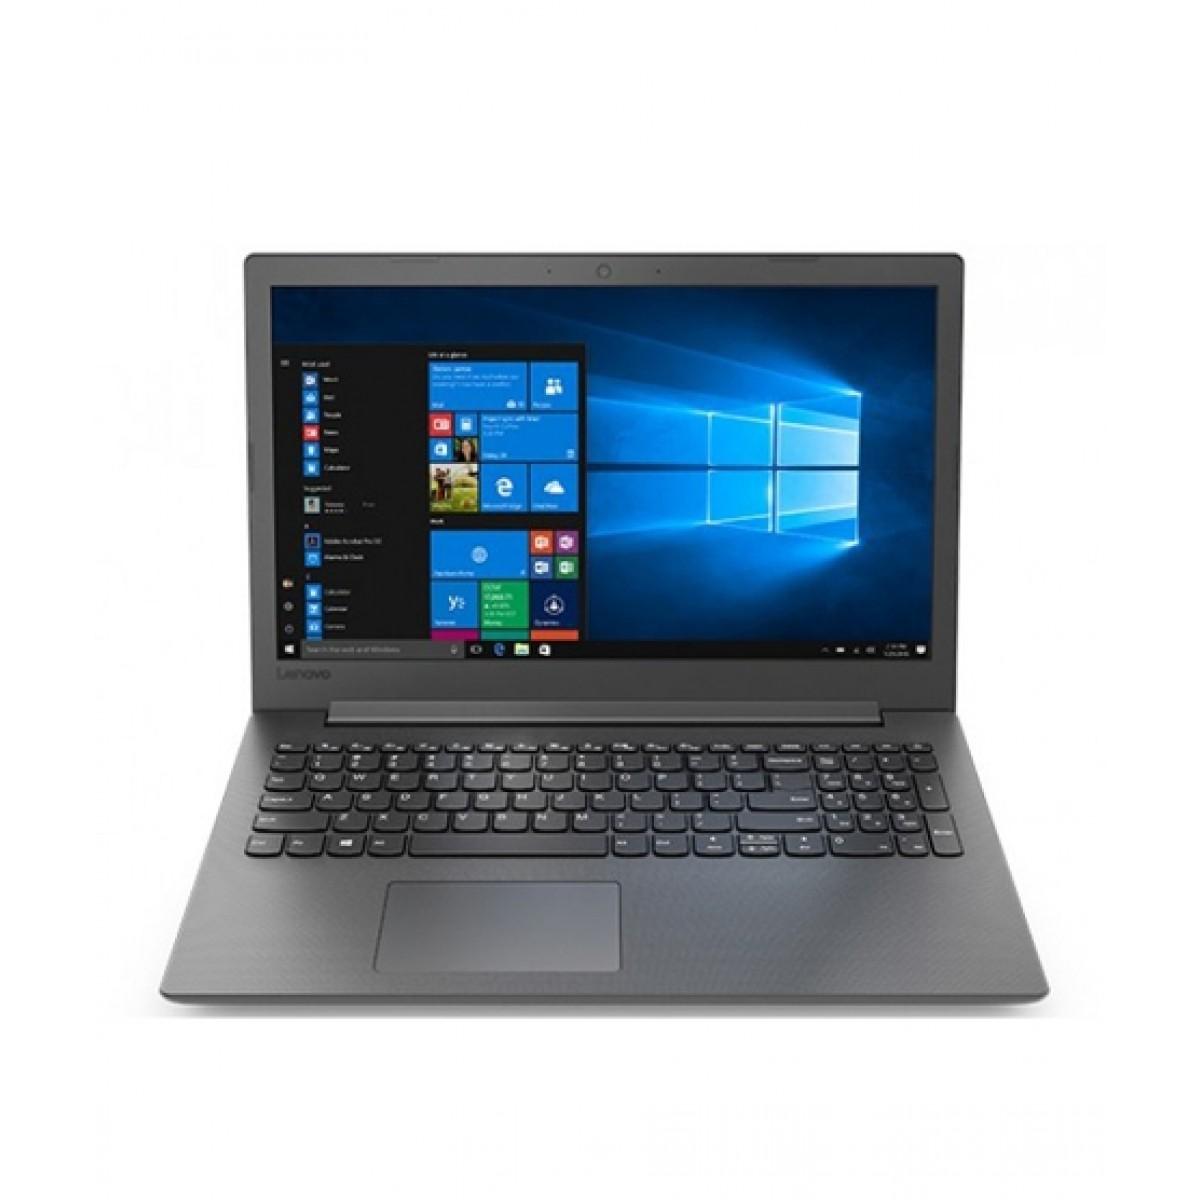 Lenovo Ideapad V130 15.6